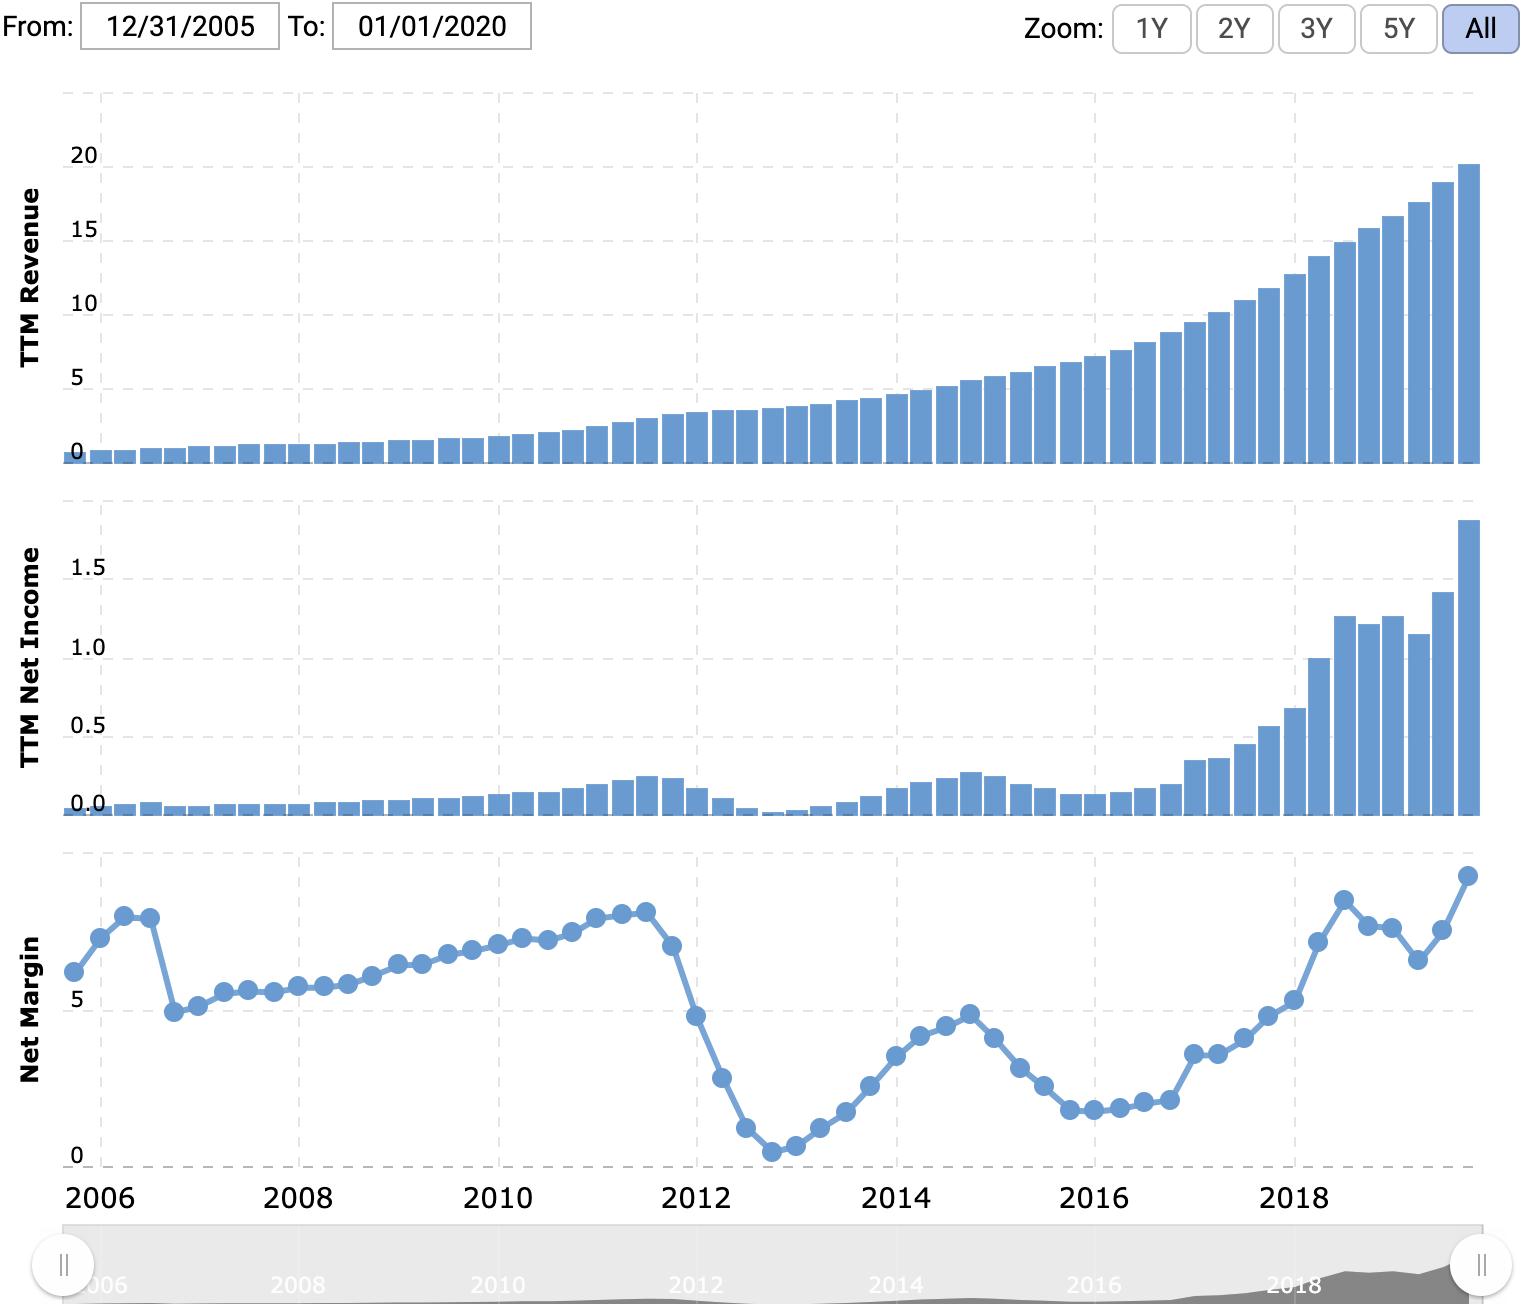 Выручка за последние 12 месяцев в млрд долларов, прибыль за последние 12 месяцев в млрд долларов, итоговая маржа в процентах от выручки. Источник: Macrotrends